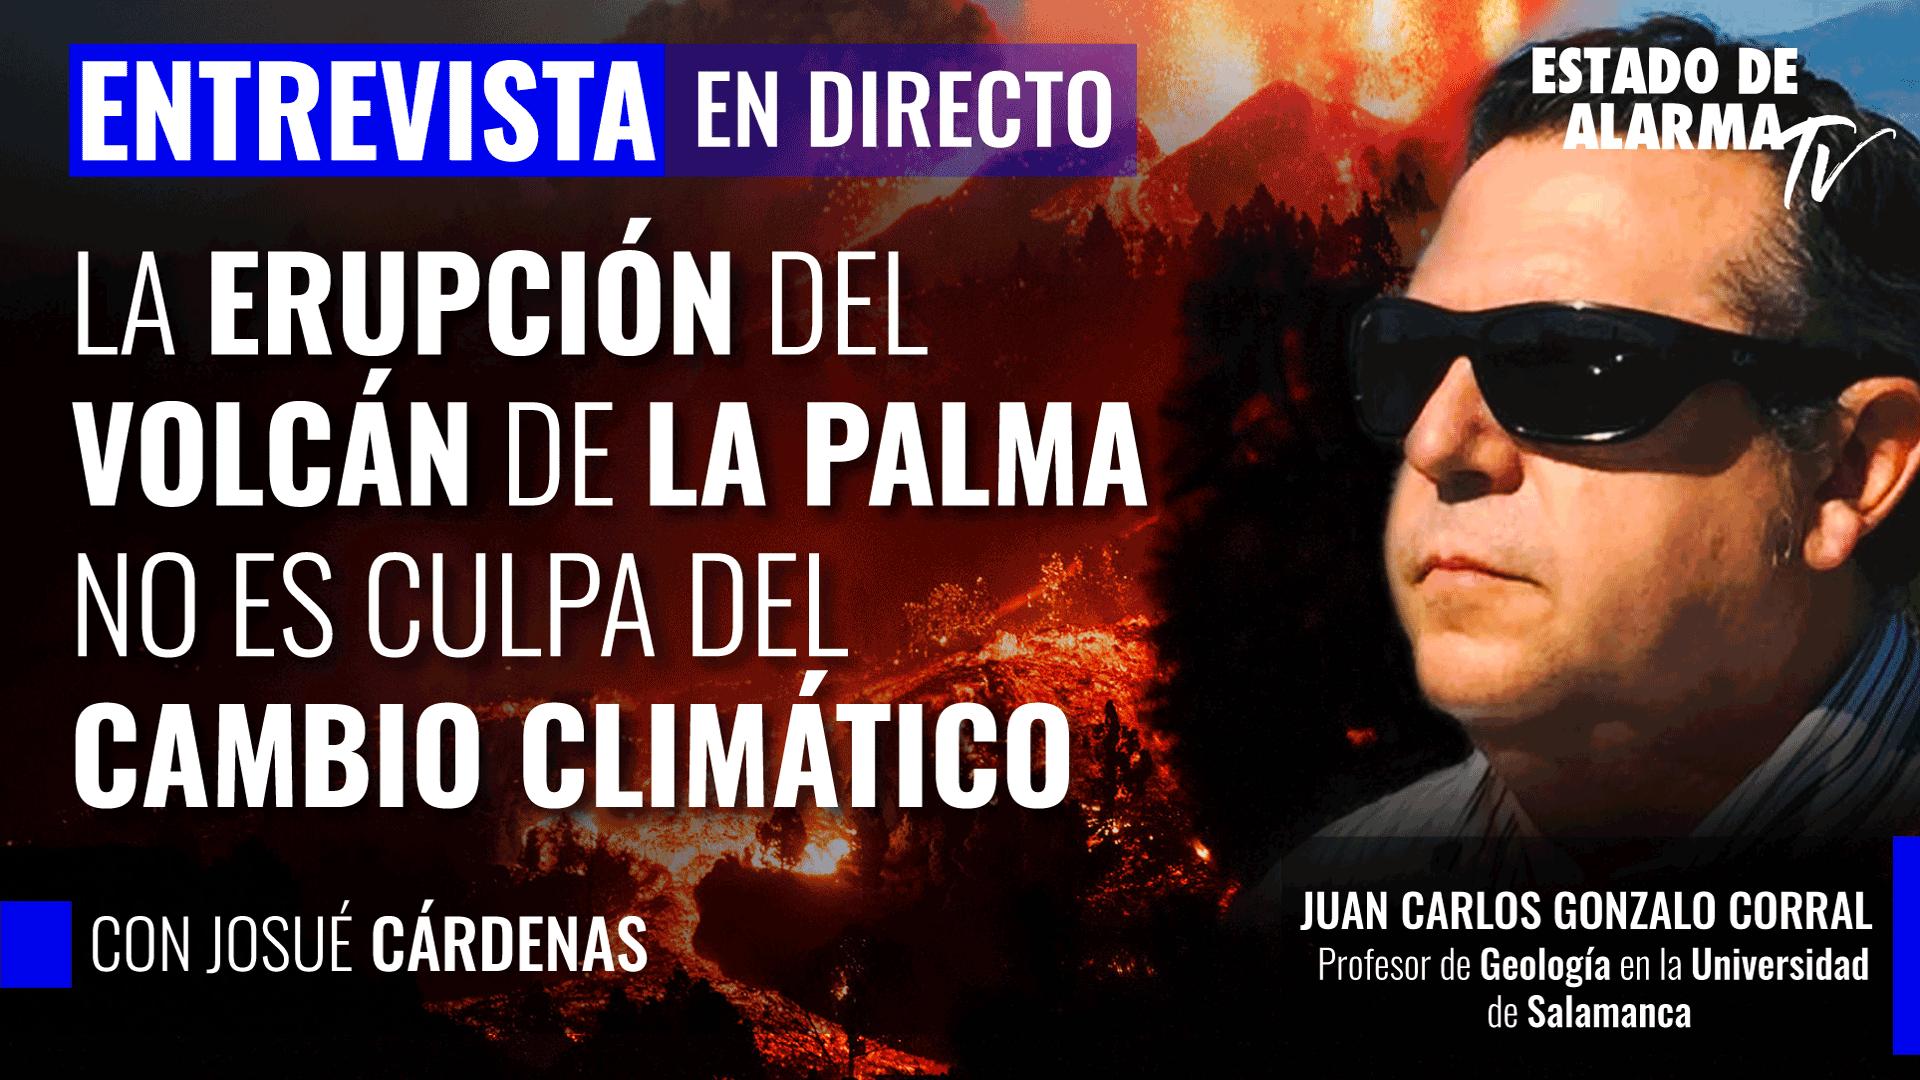 Imagen del video: Vulcanólogo: La erupción del volcán de la Palma no es culpa del Cambio Climático